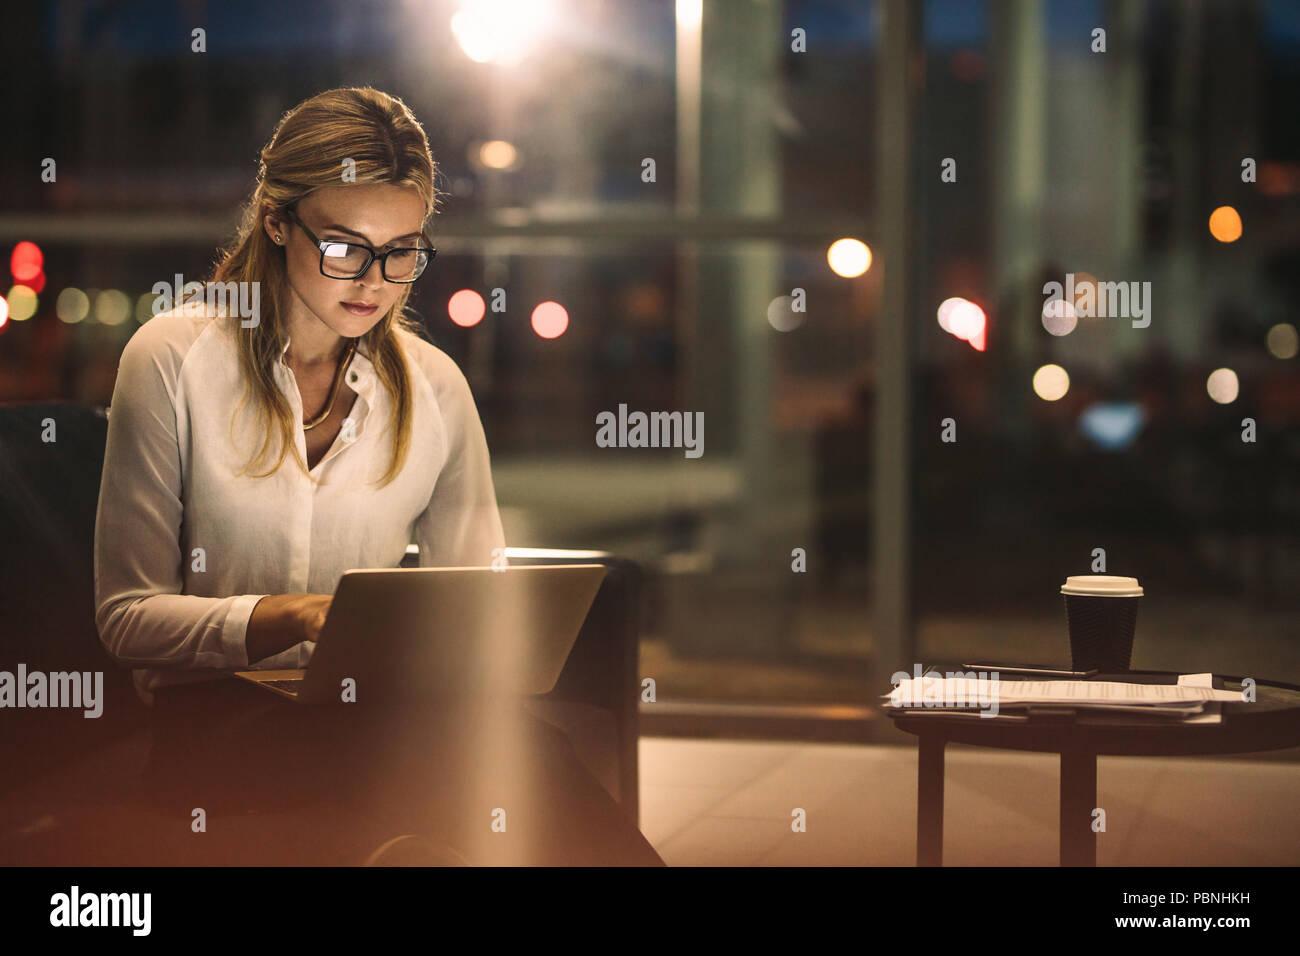 Joven trabajando en el portátil a altas horas de la noche. La empresaria caucásica trabajando horas extras en la oficina para terminar el proyecto dentro de la fecha límite. Imagen De Stock